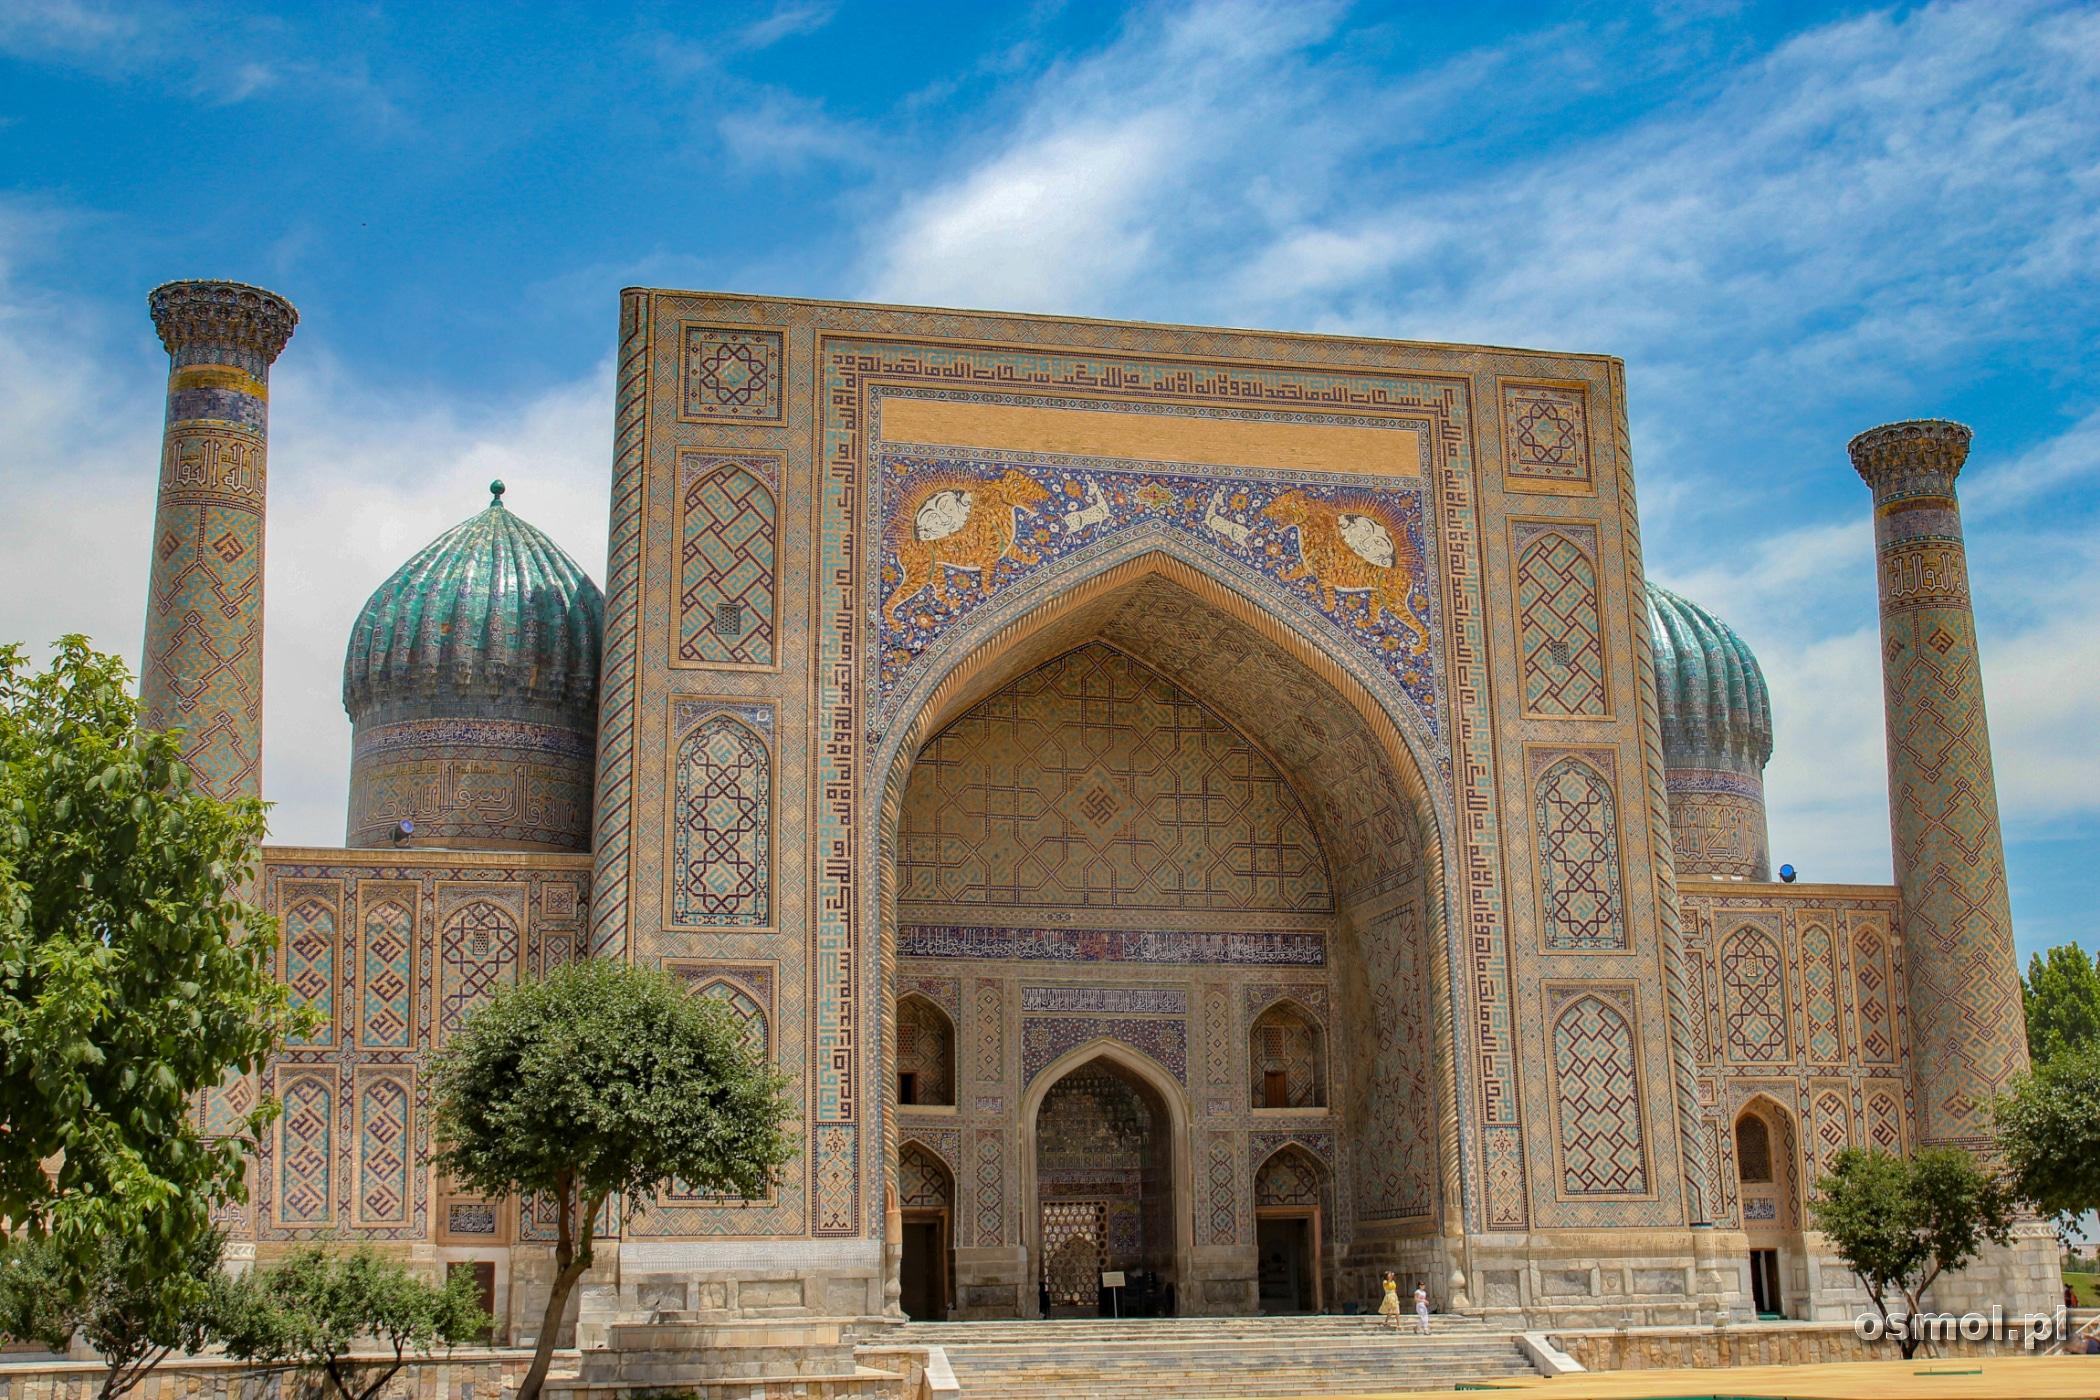 Registan Samarkanda